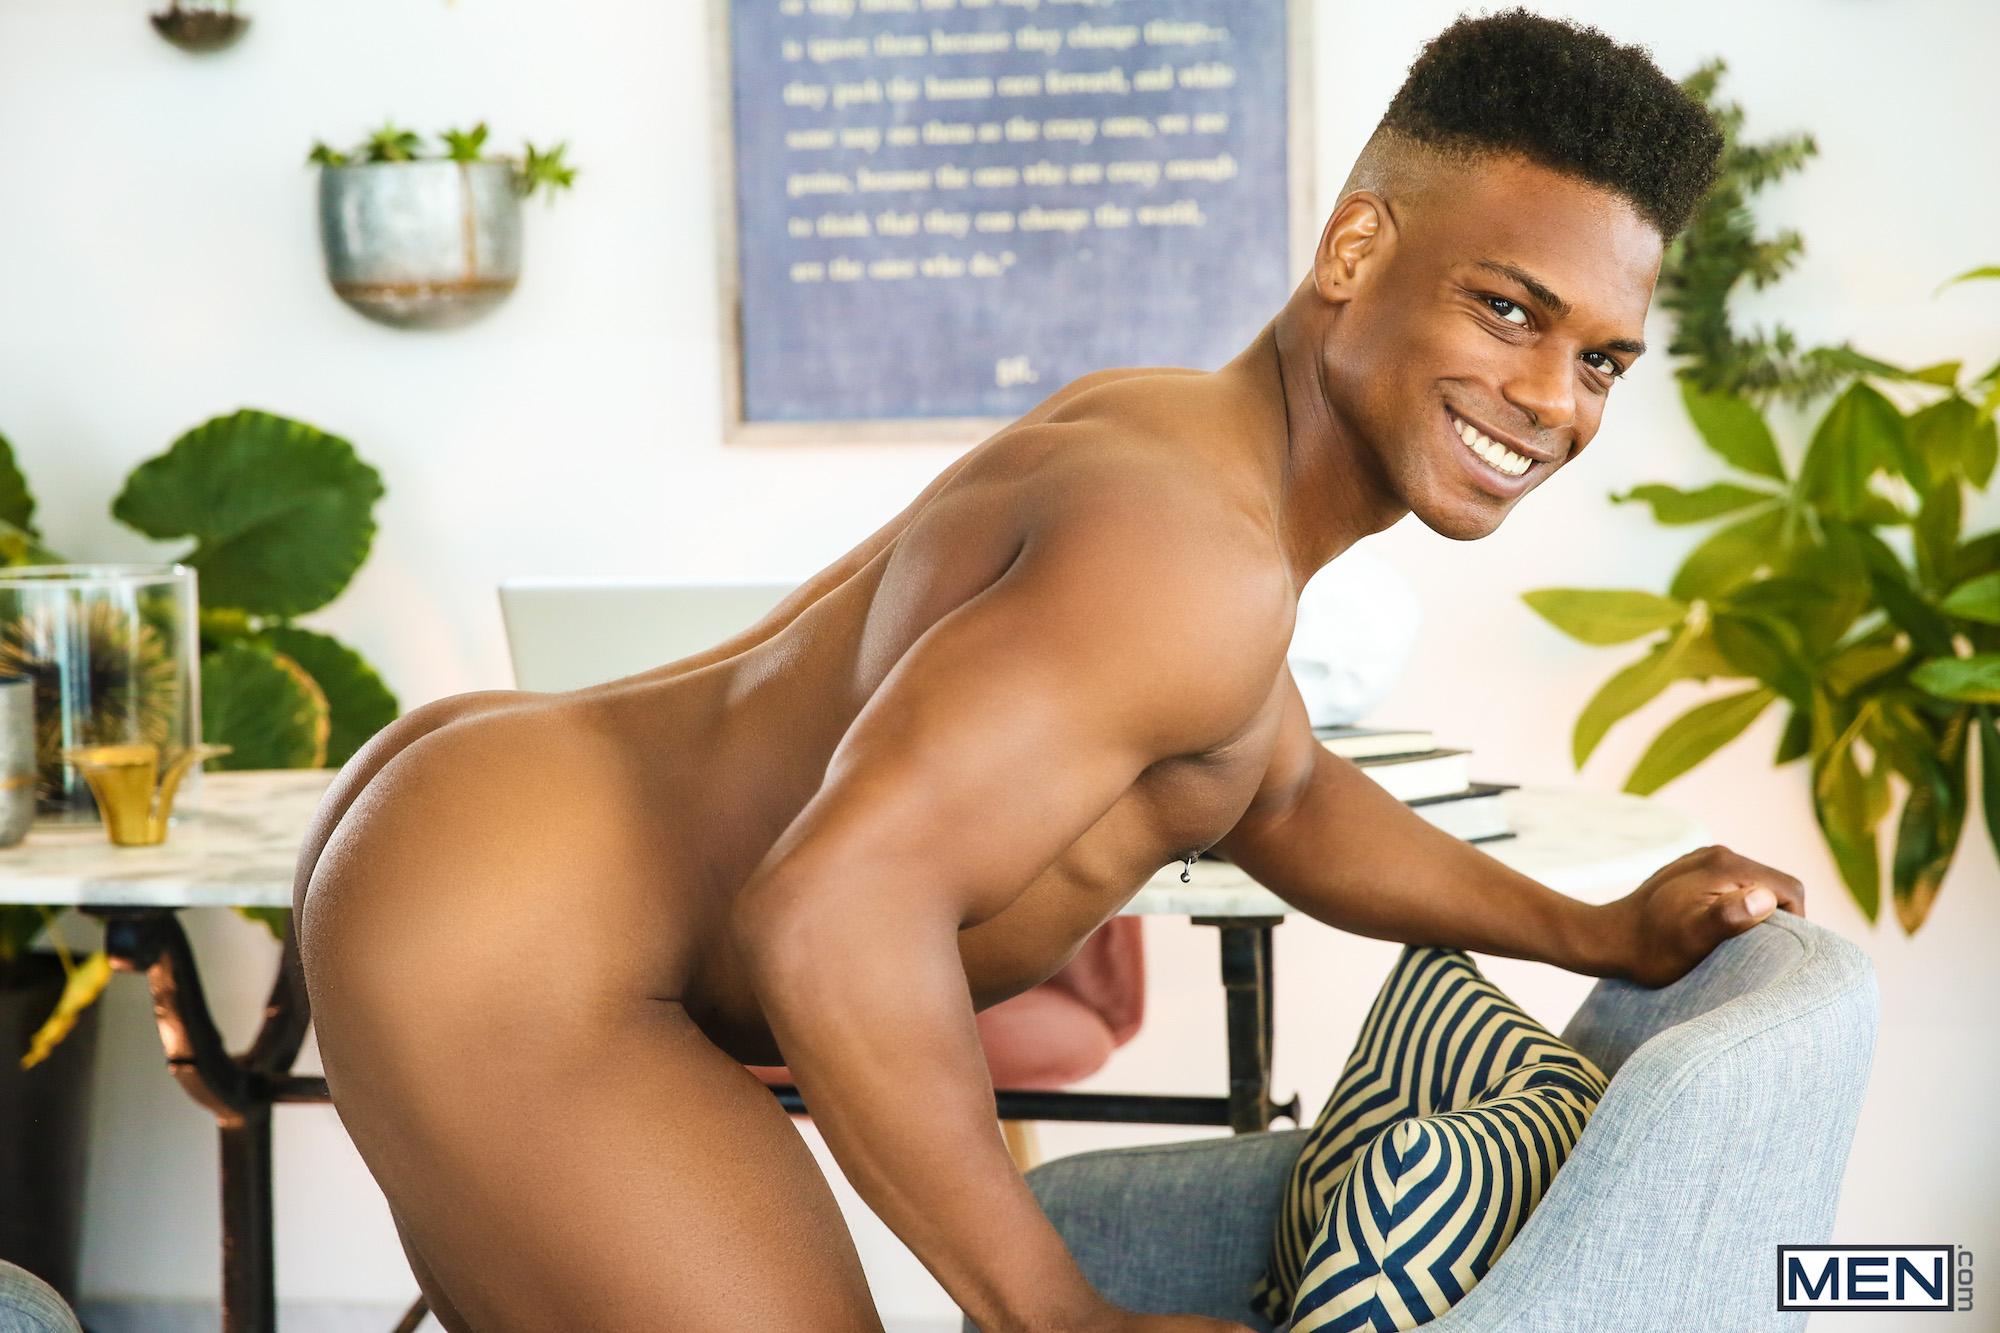 kaleb-stryker-gay-porn-adrian-hart-2